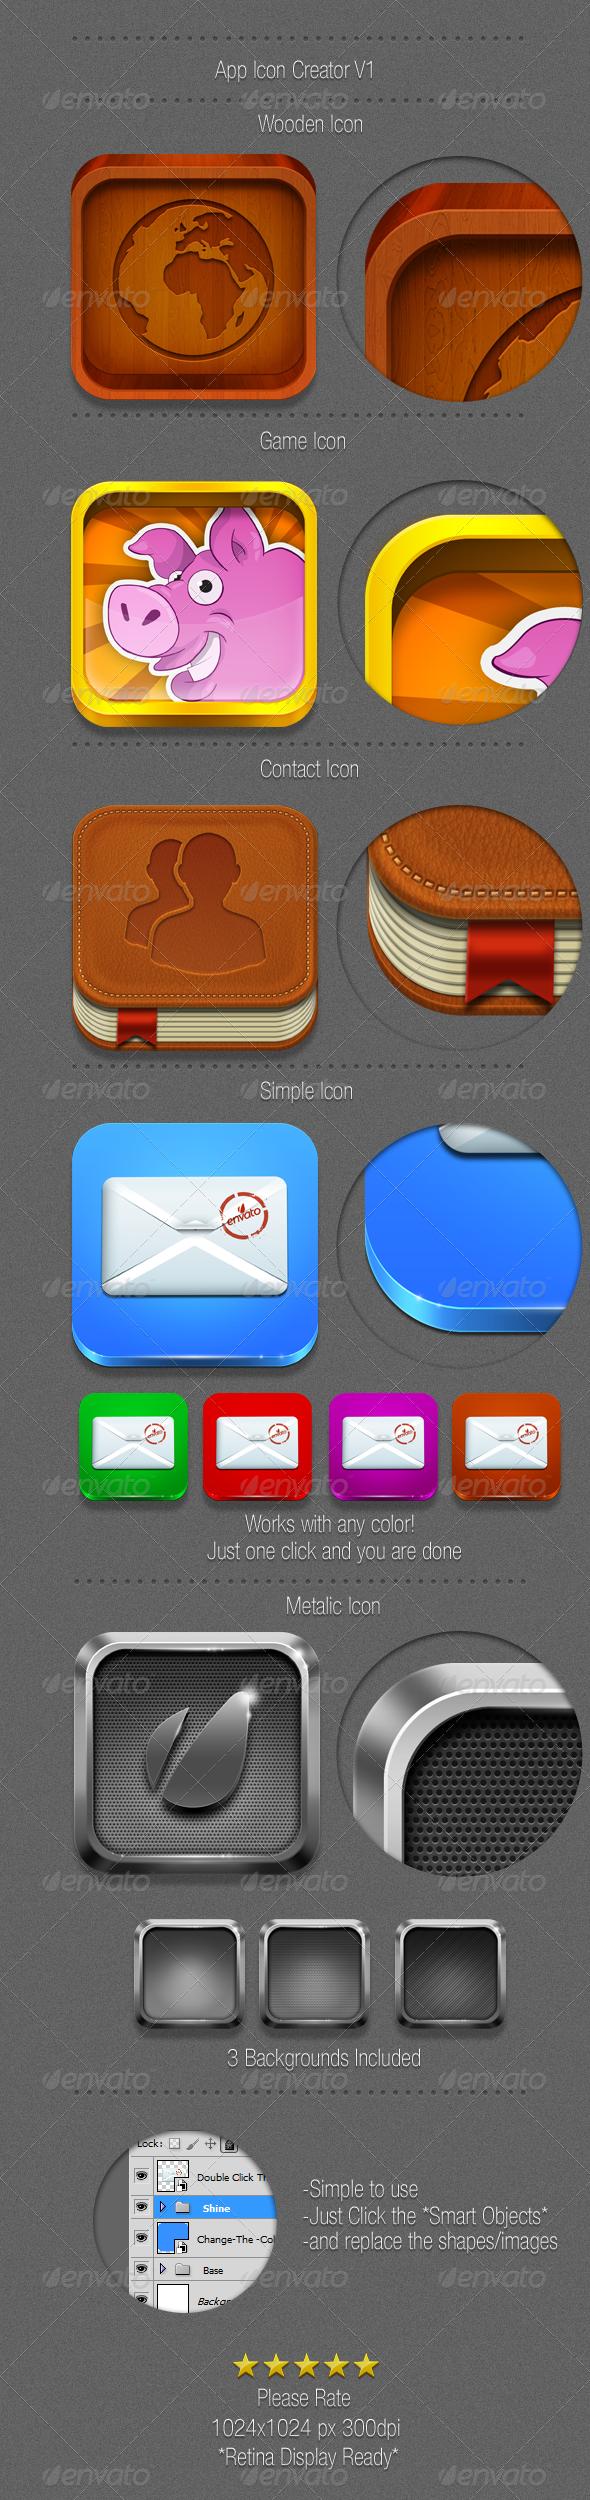 GraphicRiver Retina Ready-App Icon Creator 3510423